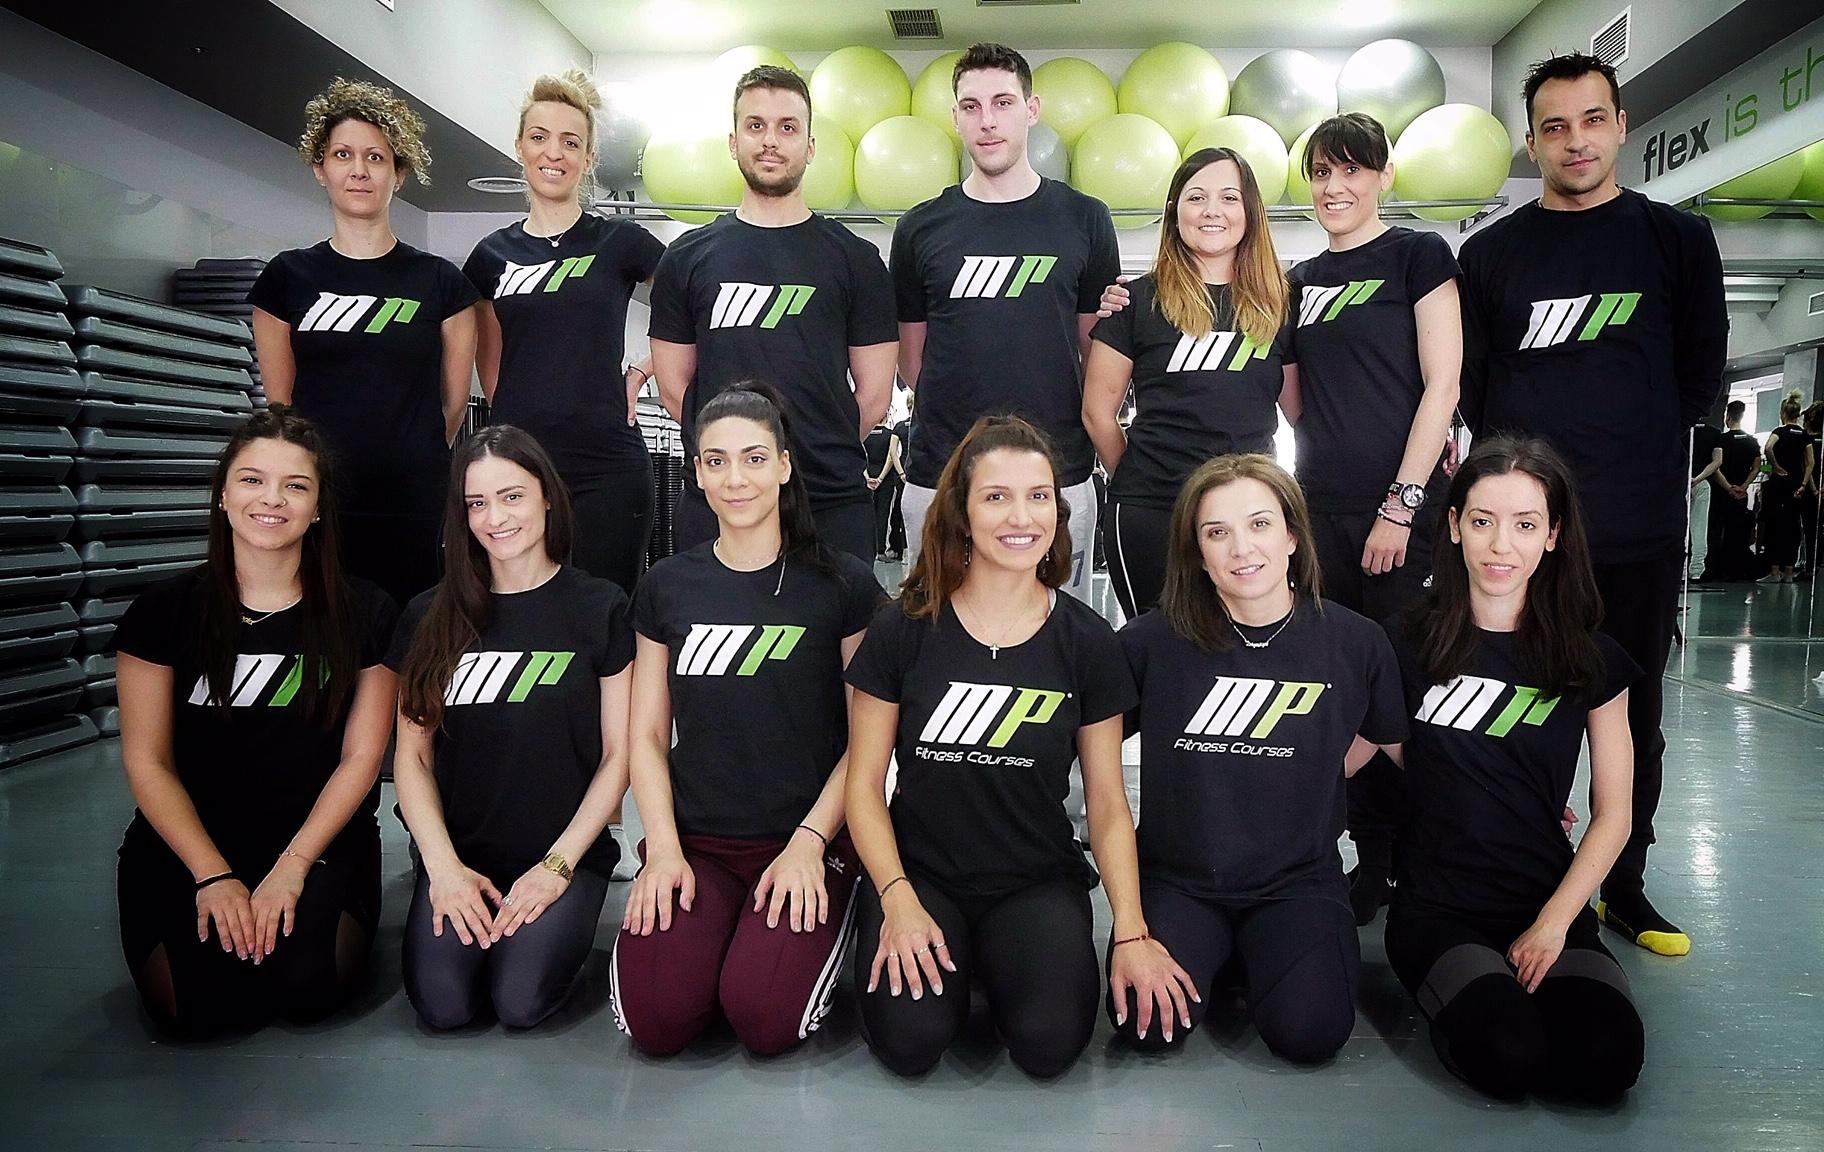 Κύρια φωτογραφία για το άρθρο: Βασική εκπαίδευση στο pilates από την MP Balatsinos